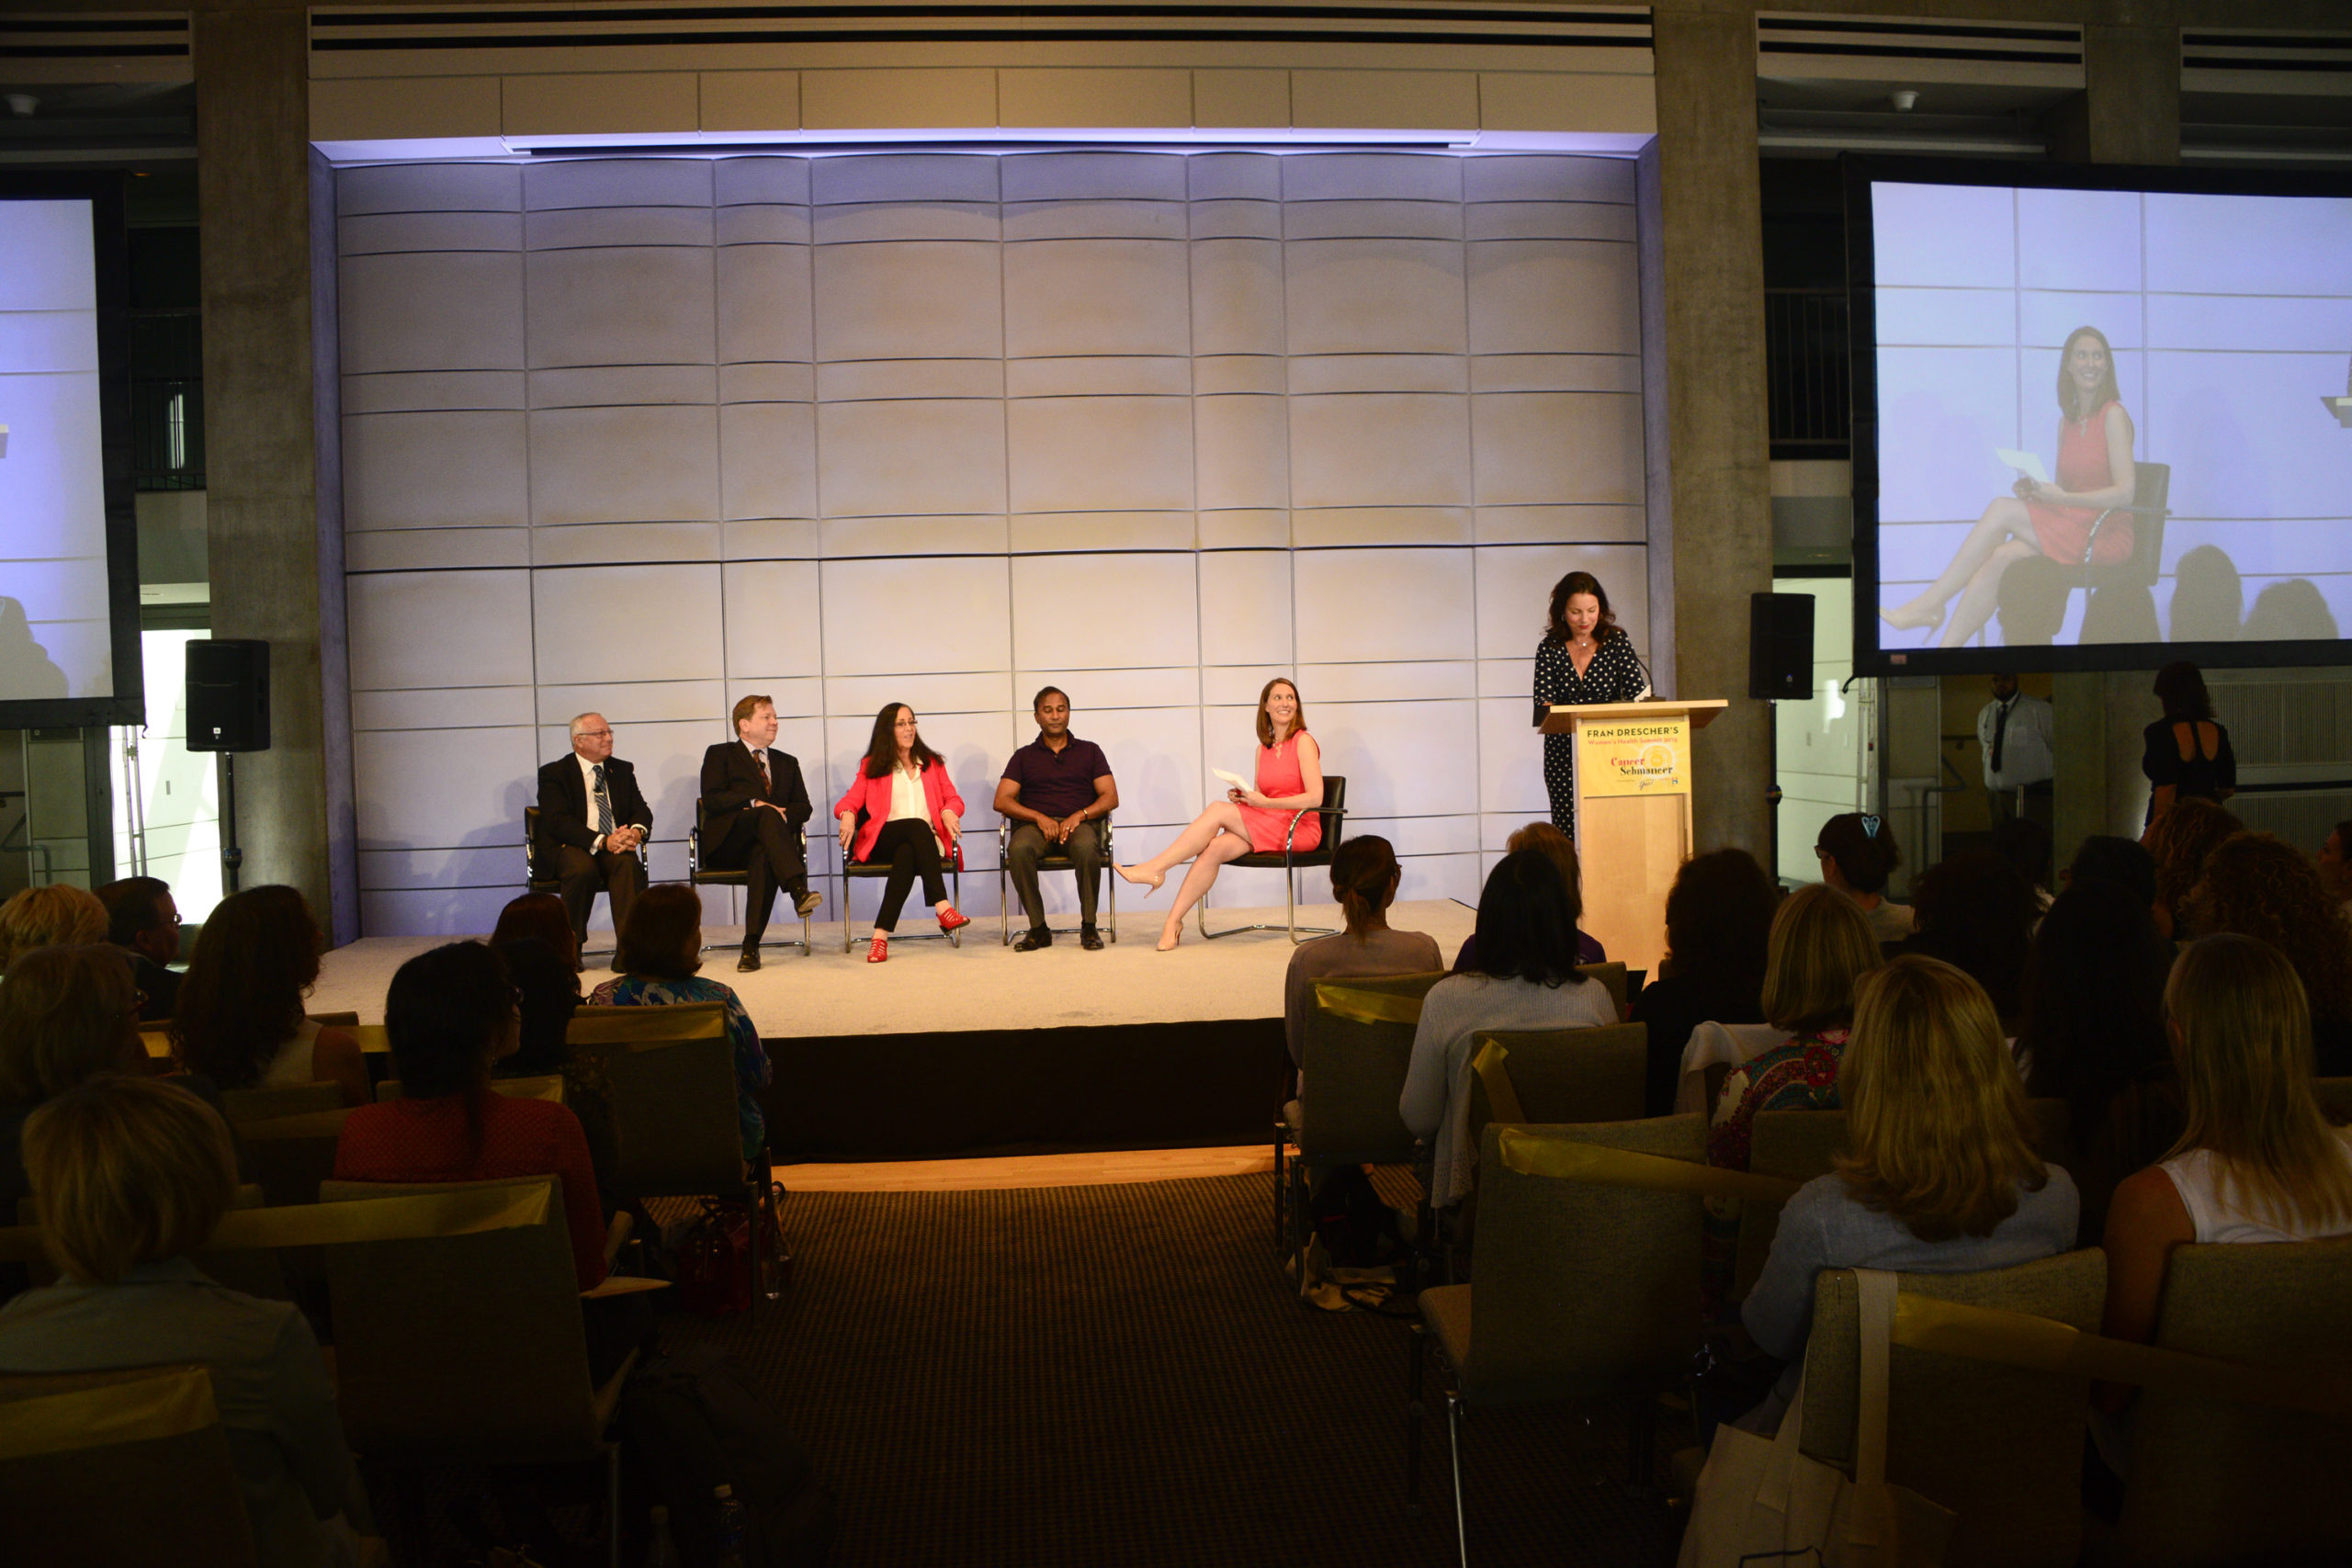 Fran Drescher's Women's Health Summit